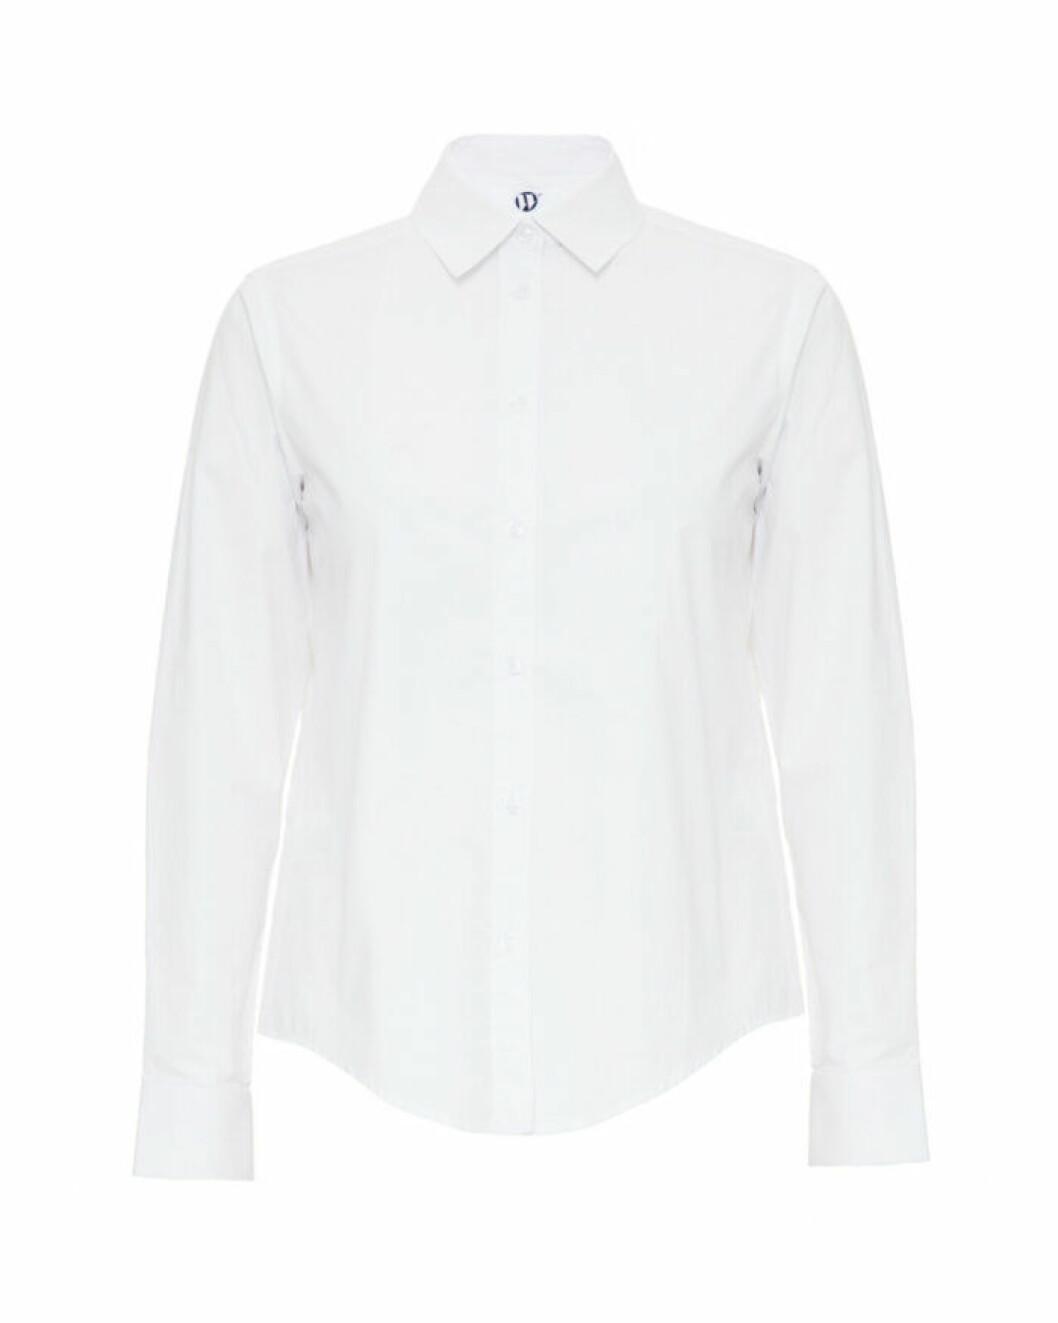 Vit skjorta från Wakakuu